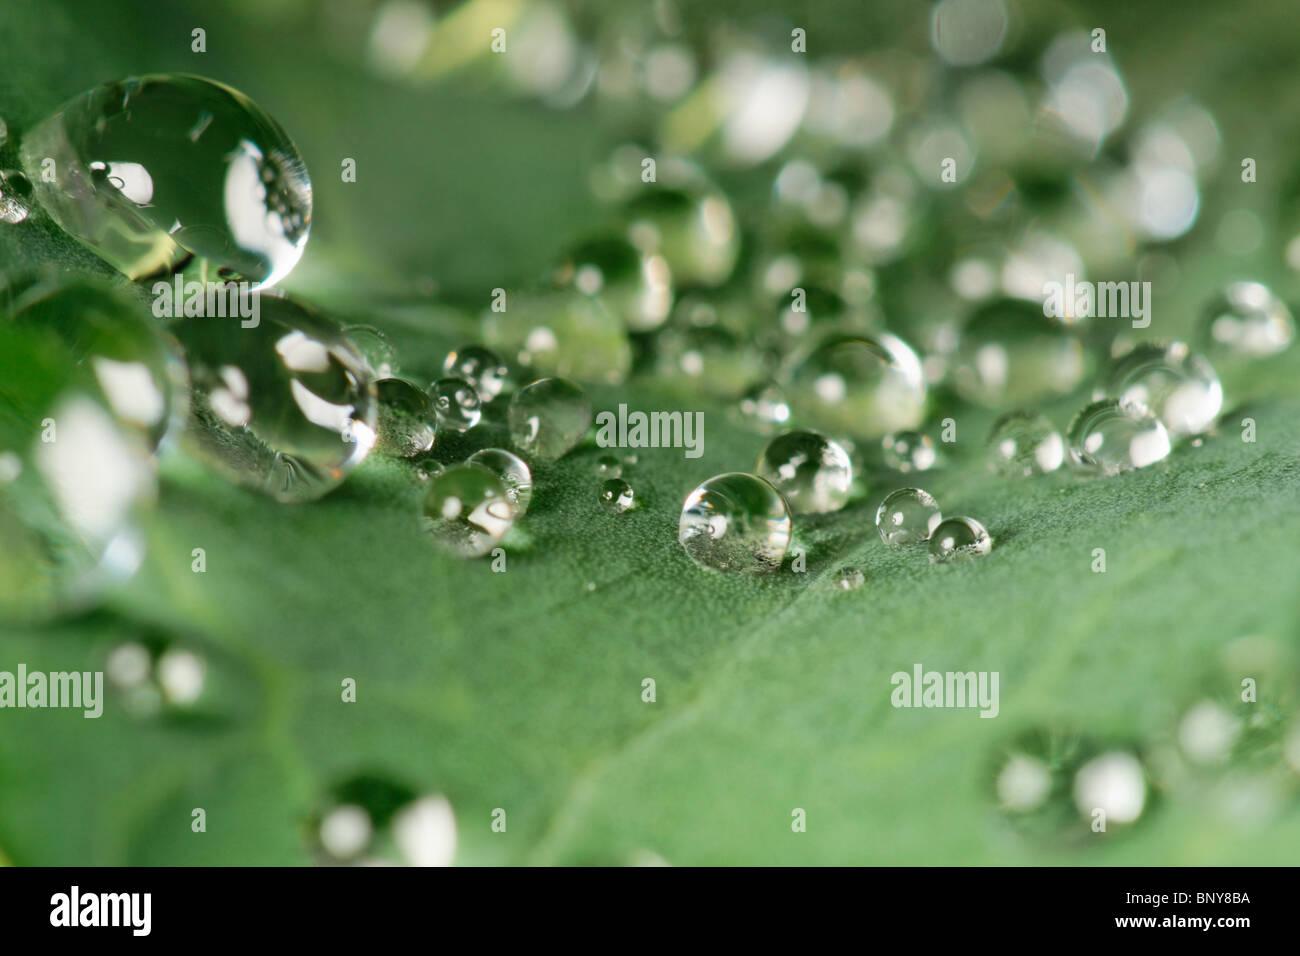 Les gouttelettes d'eau sur feuille de chou Photo Stock